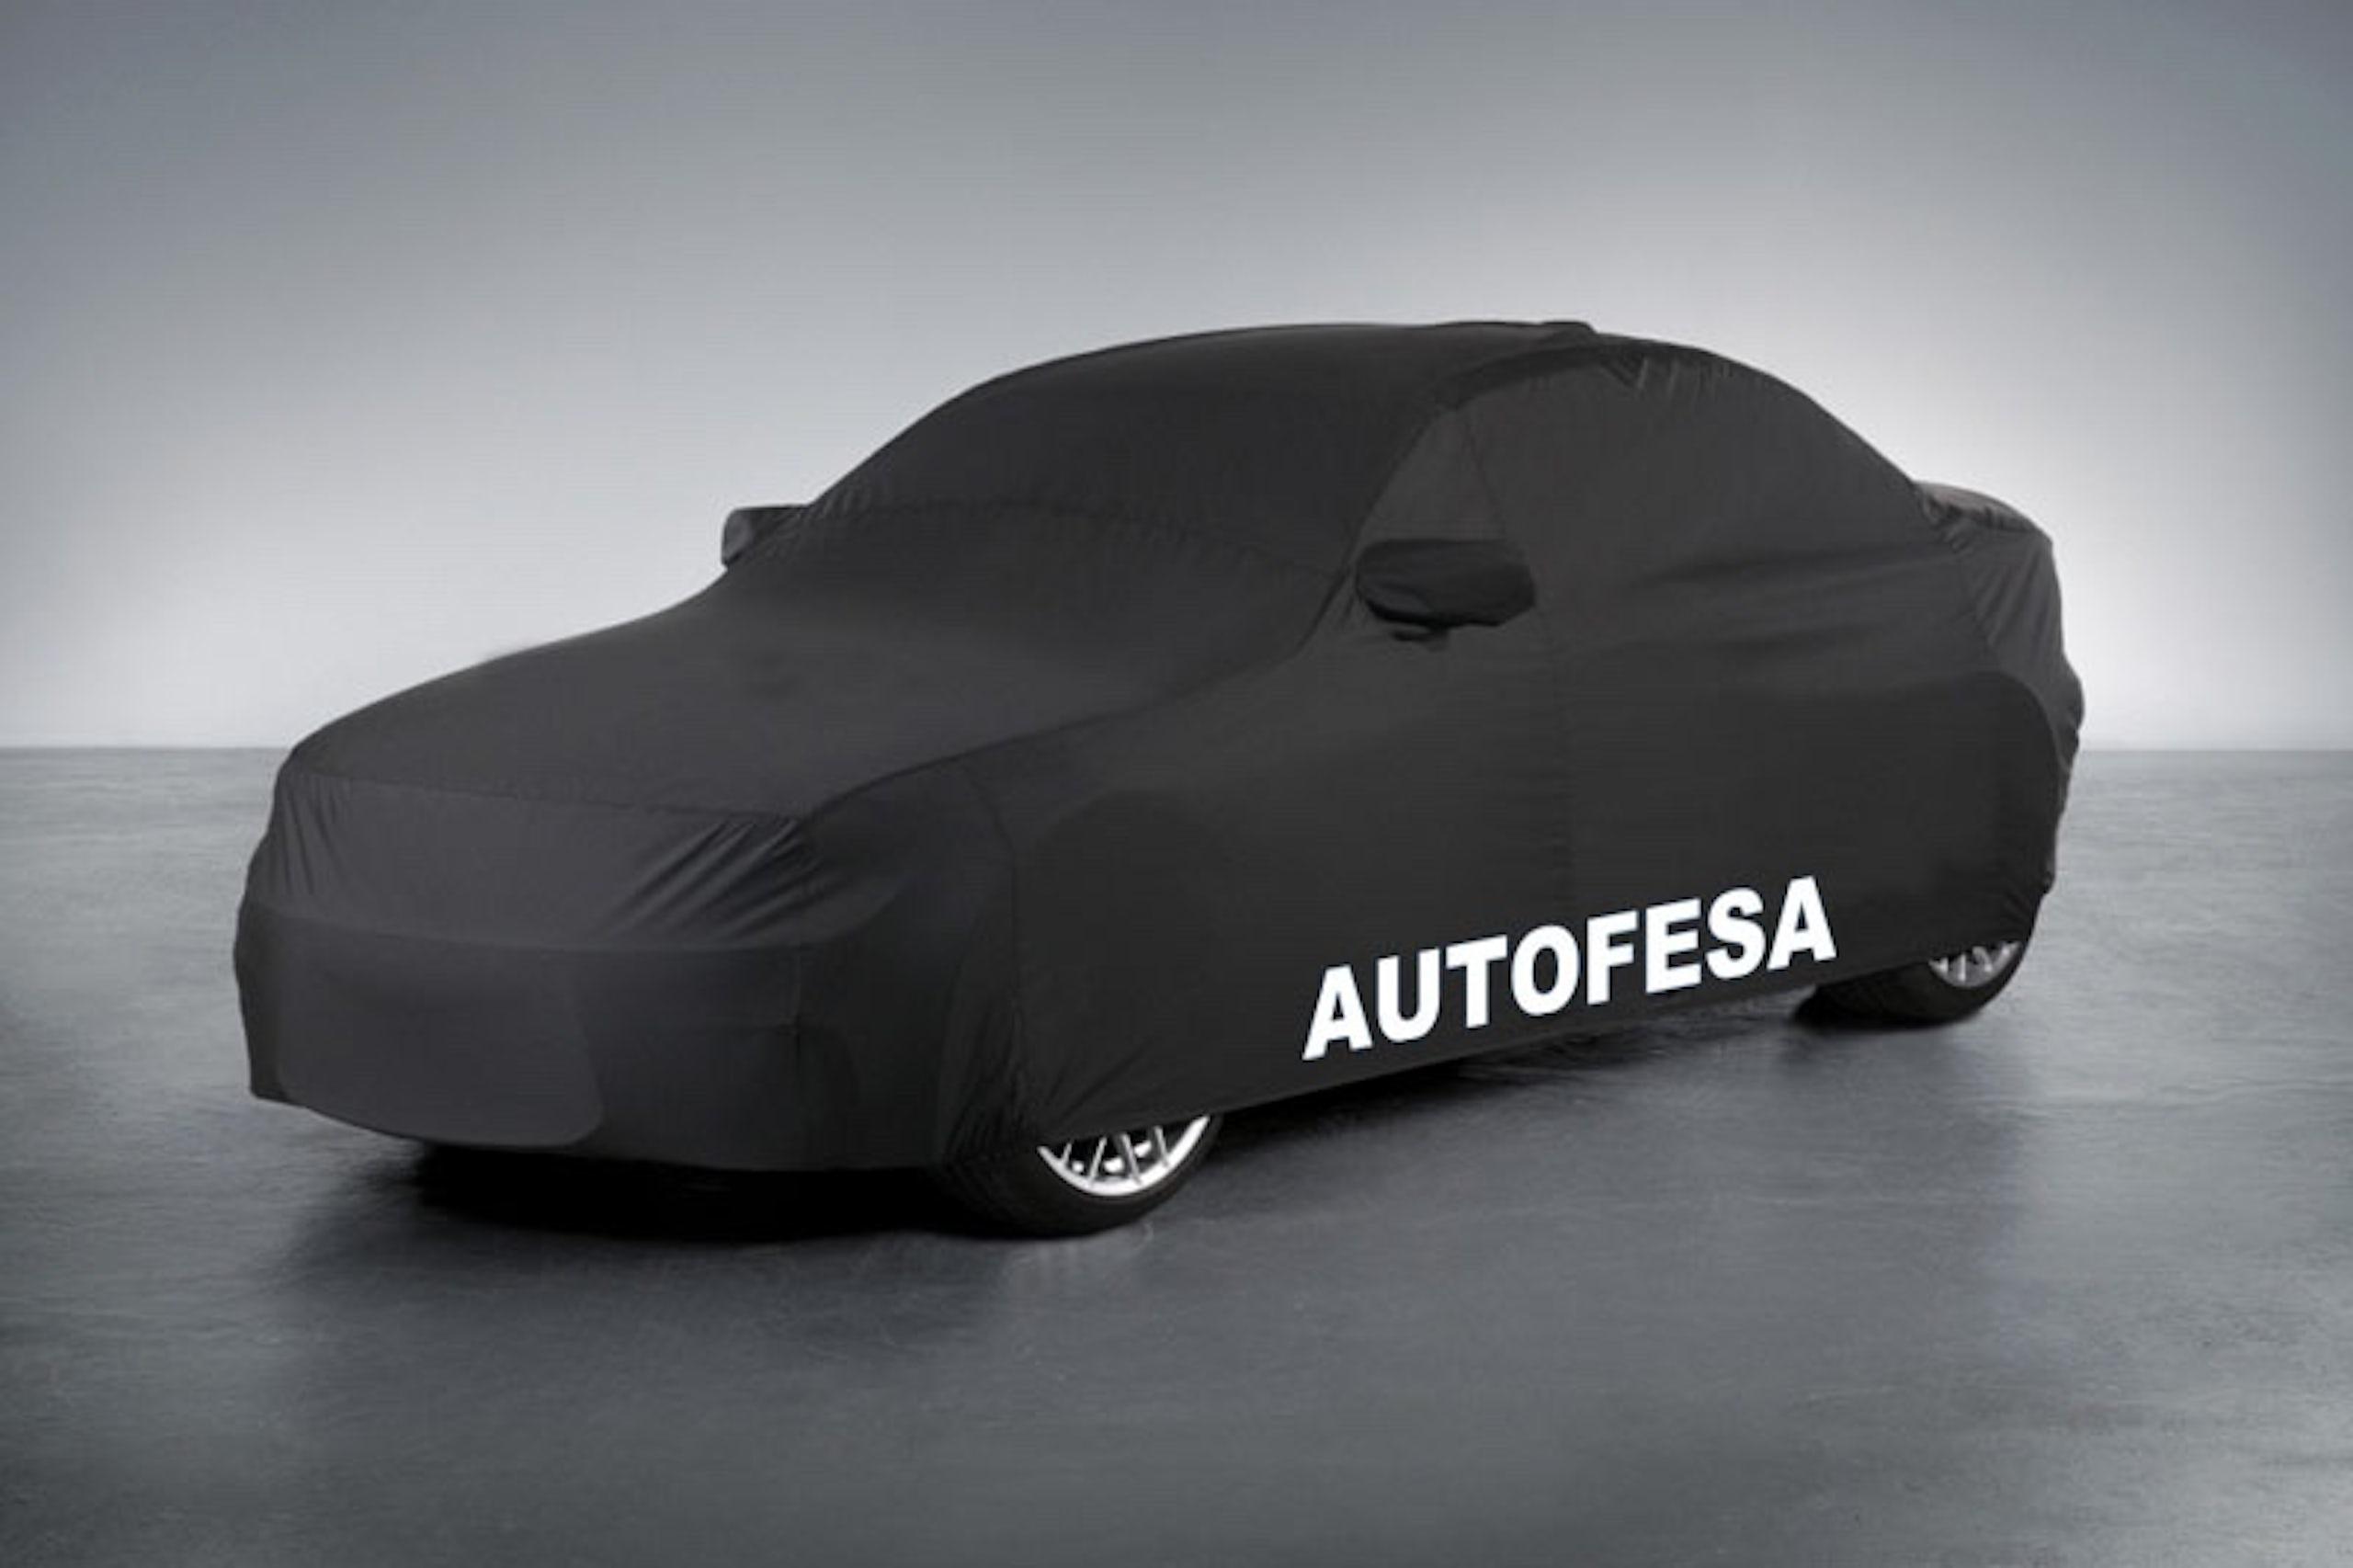 Fotos del Audi A4 Allroad 2.0 TDI 150cv quattro Advenced edition 5p Exterior 1